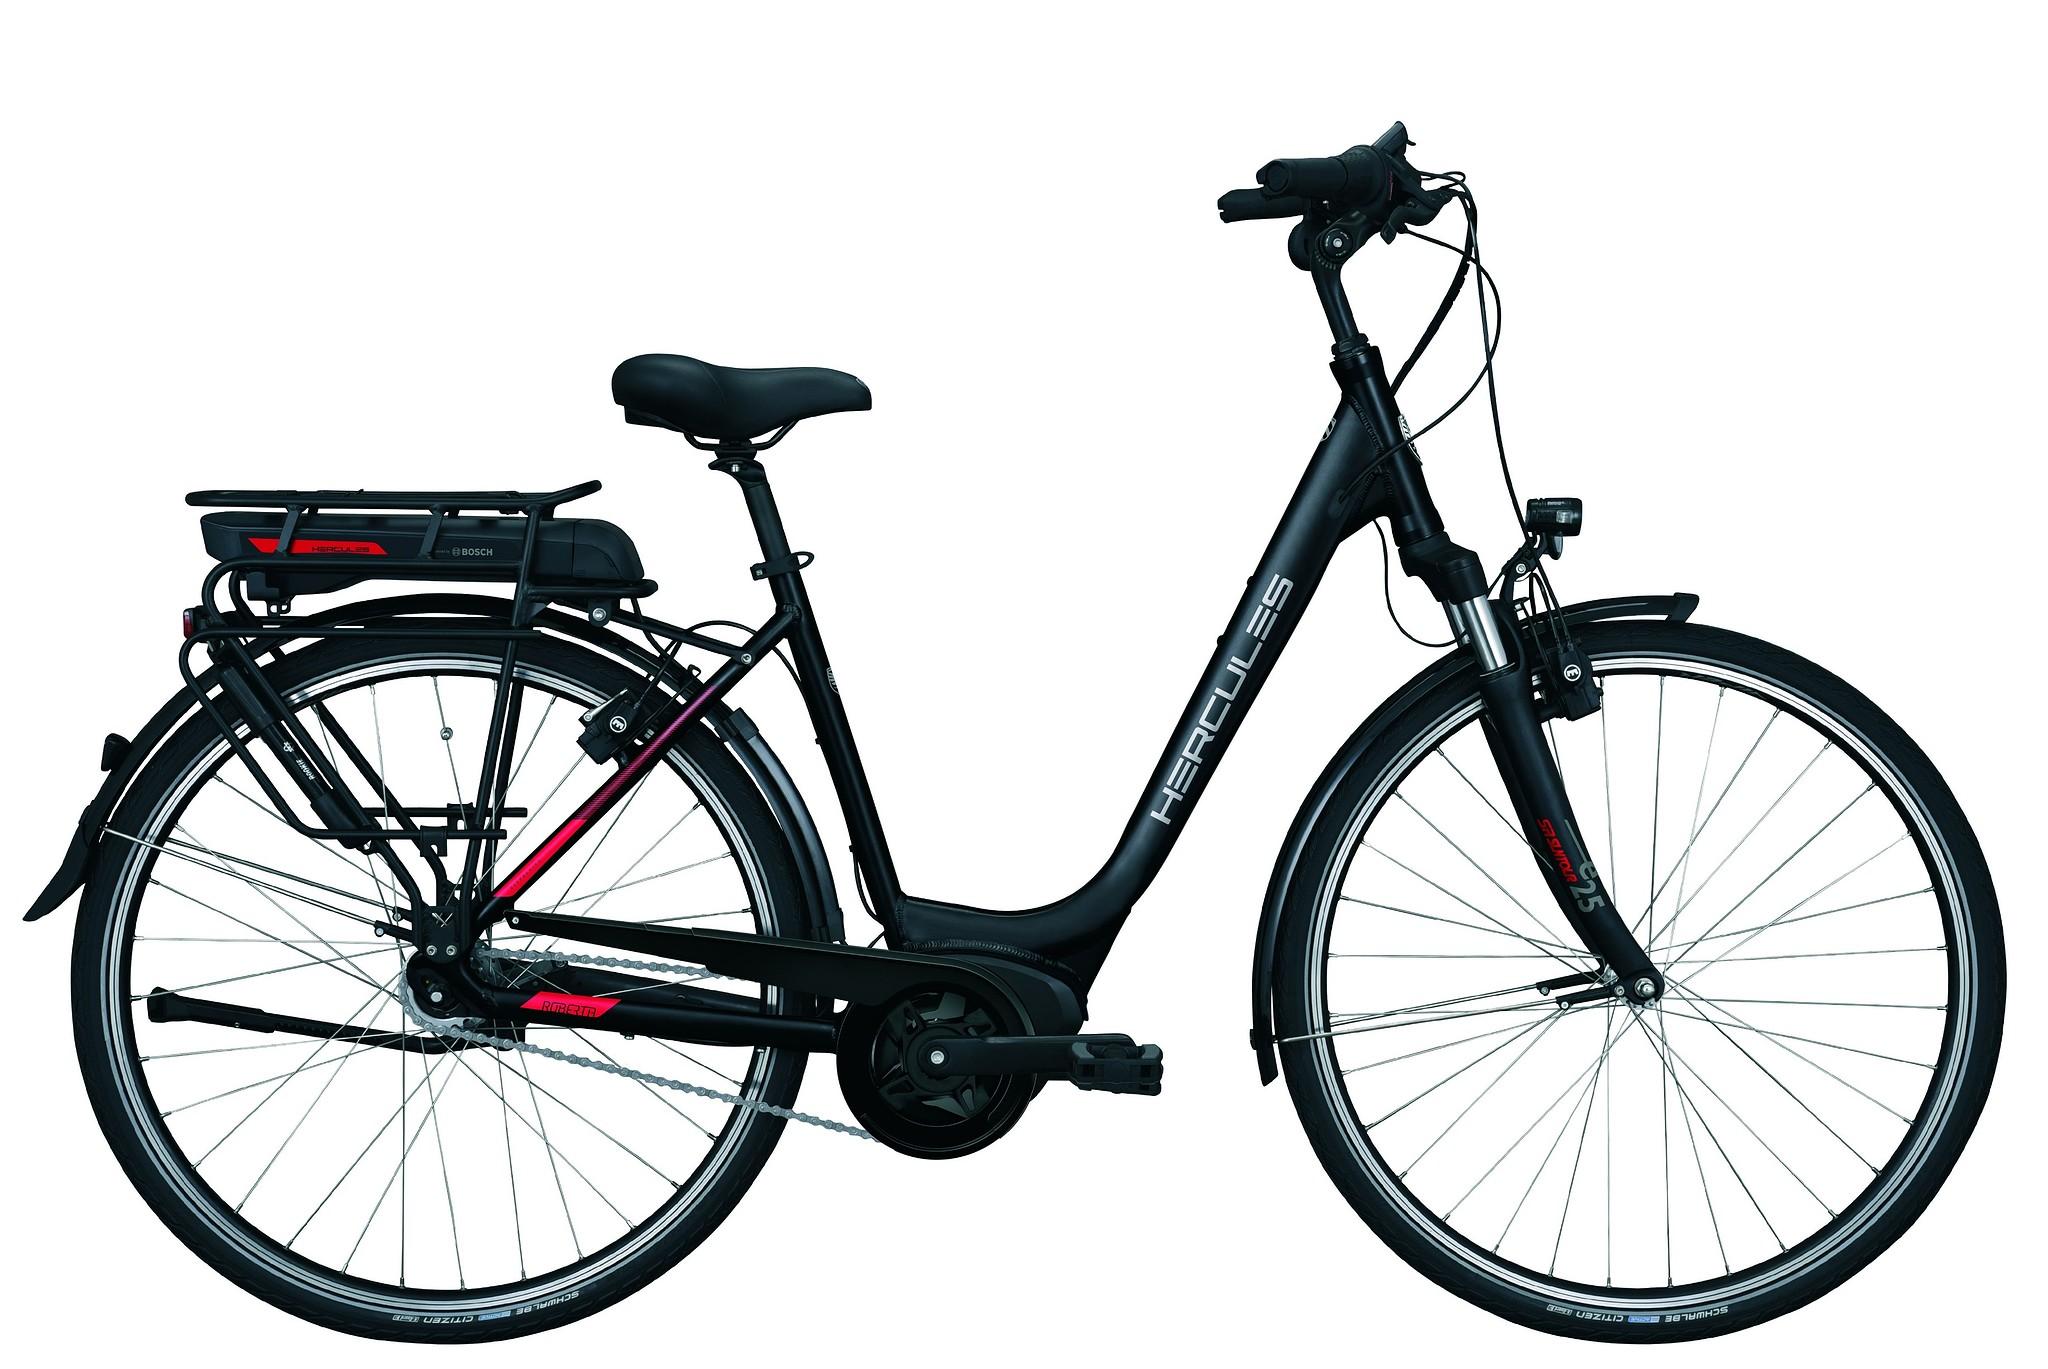 Hercules Elektrische fiets Roberta A+ dames mat zwart 54cm 500 Watt Zwart